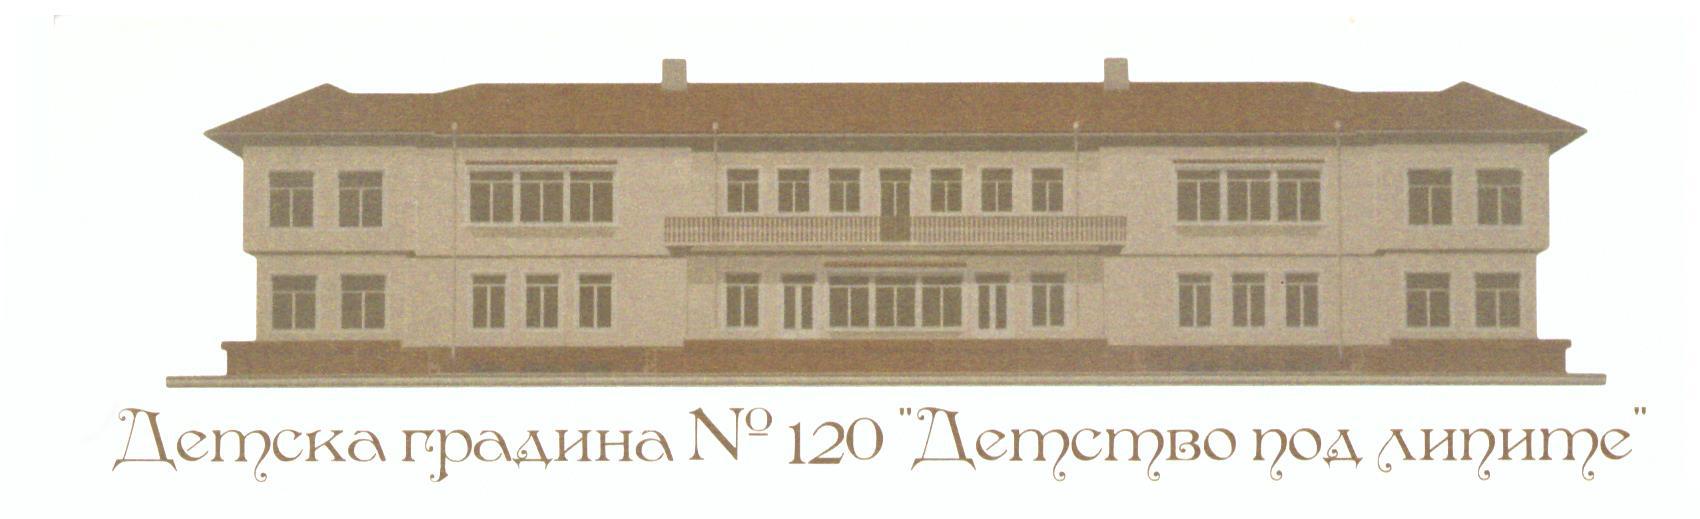 odz120